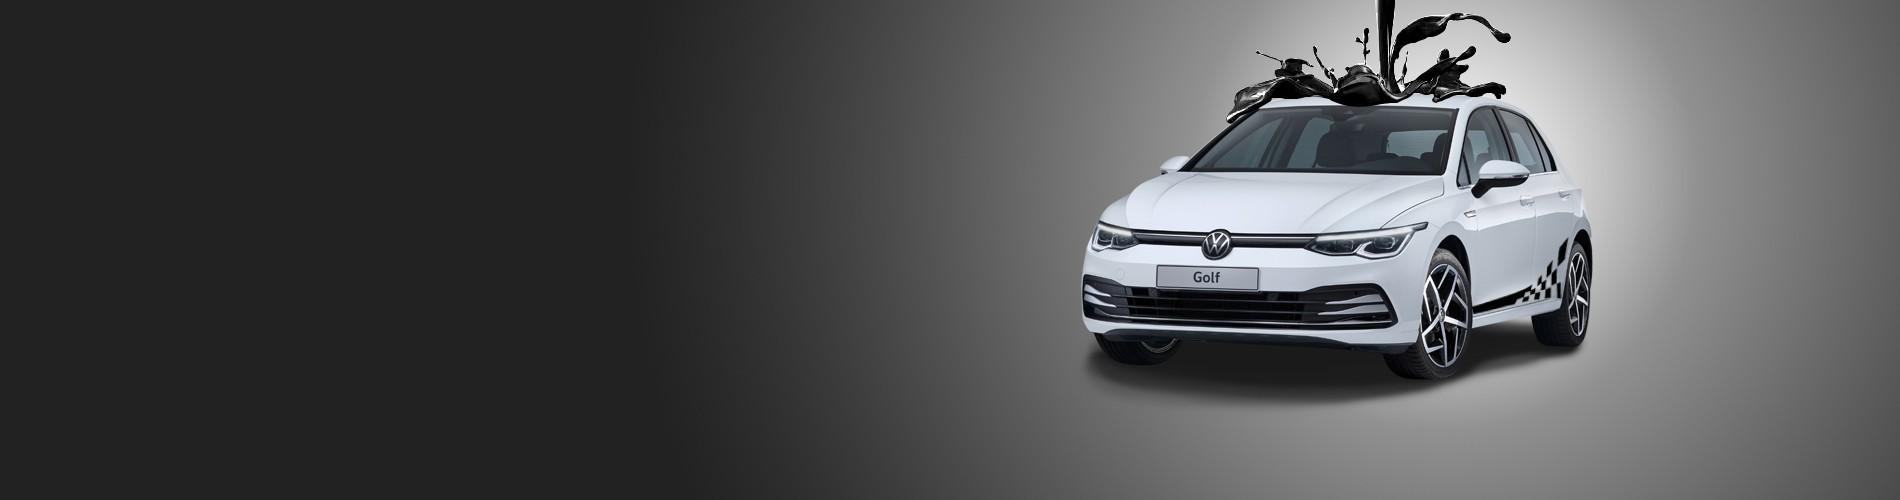 Ma Belle Voiture - Stickers Golf Volkswagen